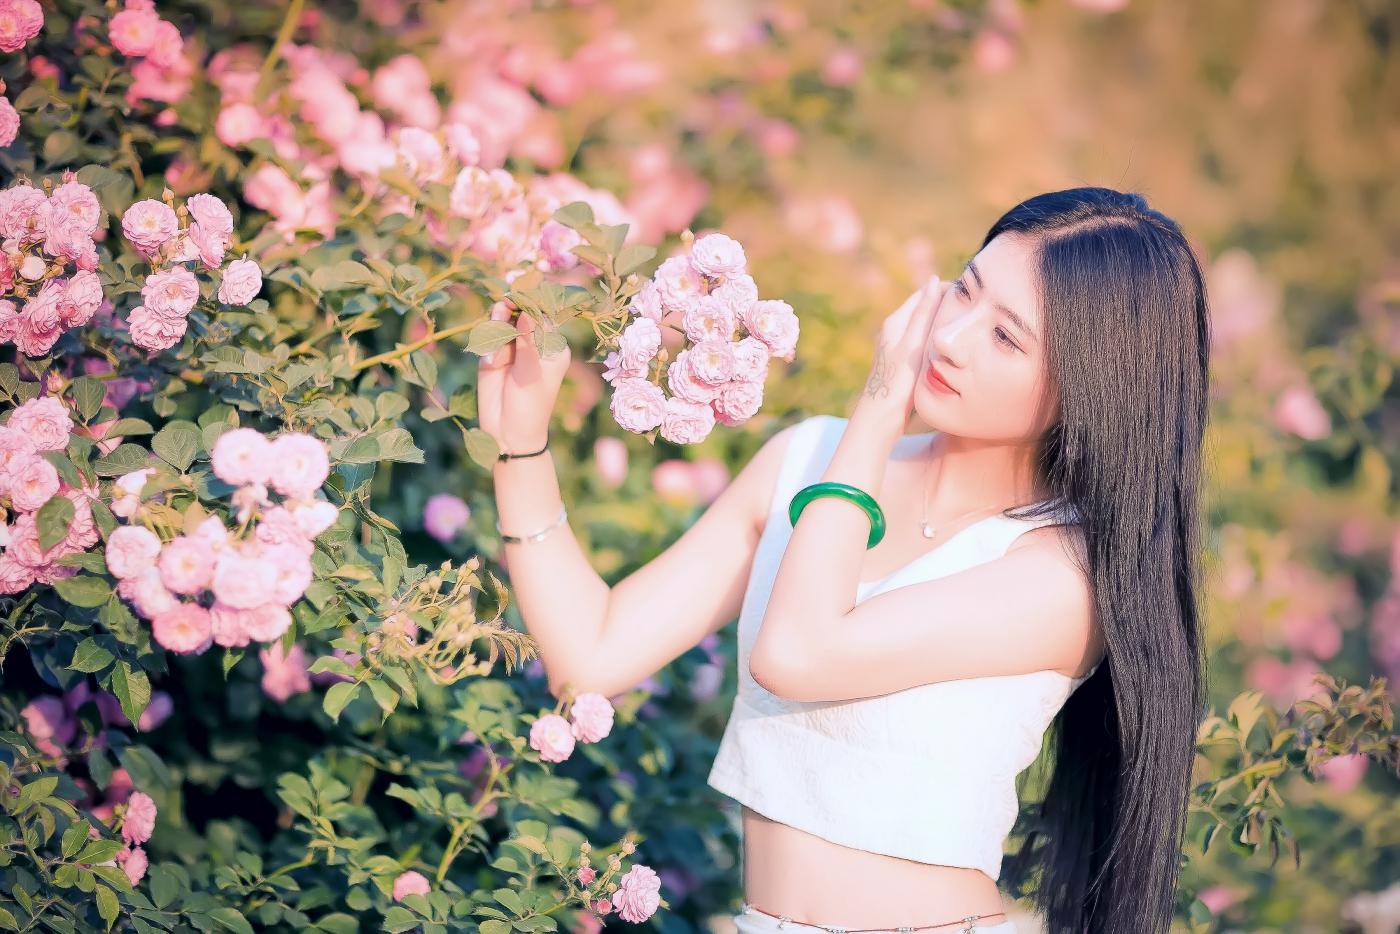 临沂大学有这么一道美丽的蔷薇长廊 当蔷薇MM王璐在她面前走过 ..._图1-12